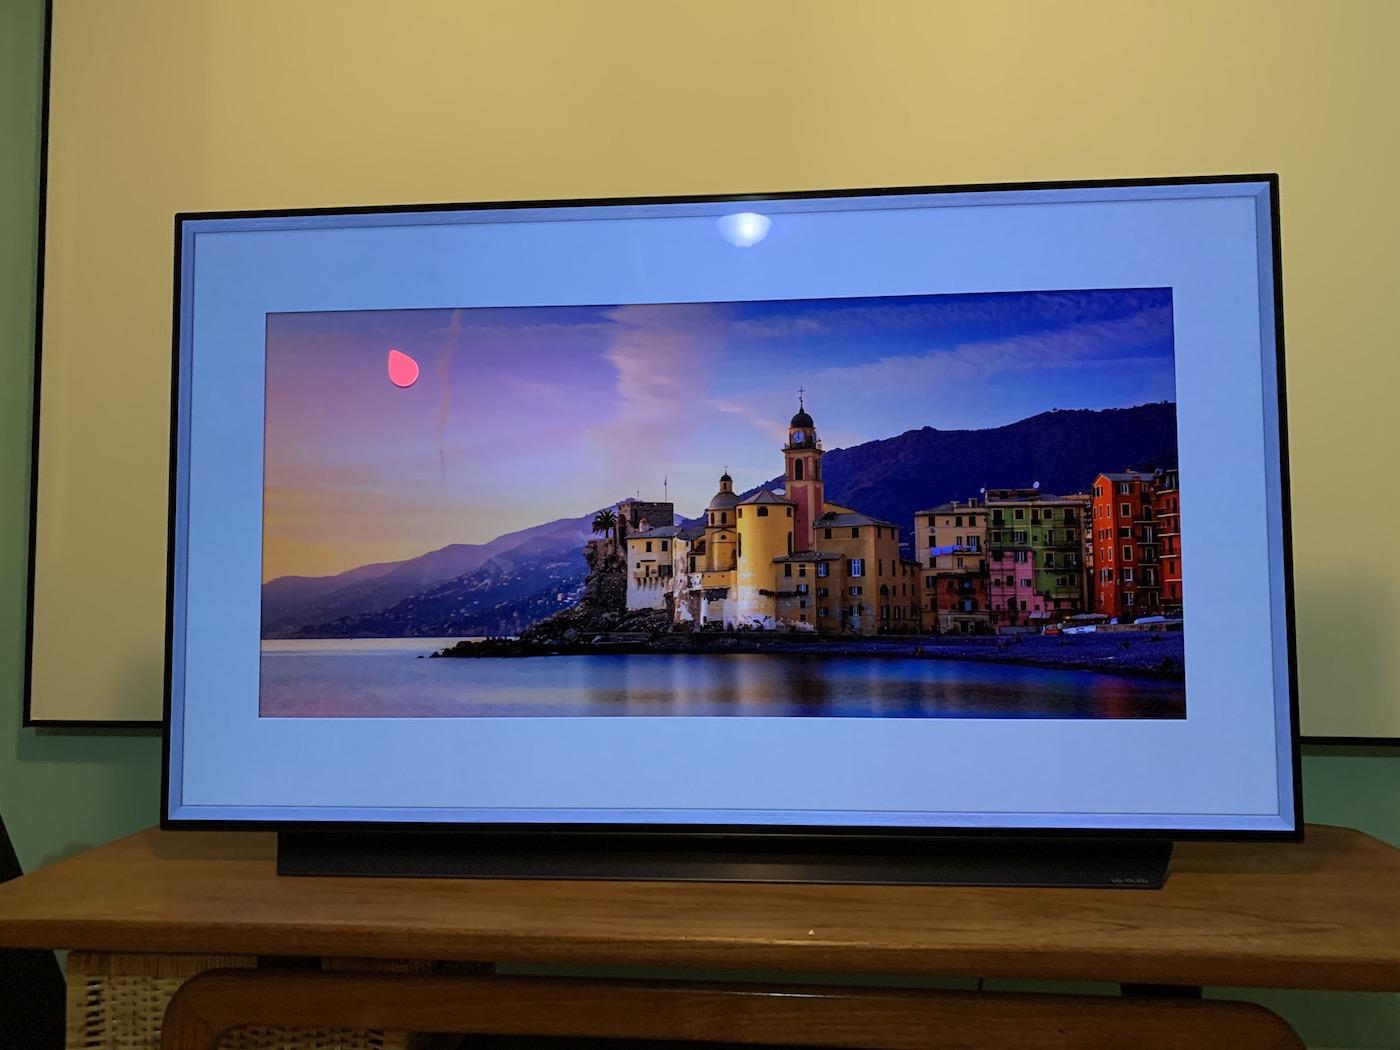 LG C9 OLED 4K TV